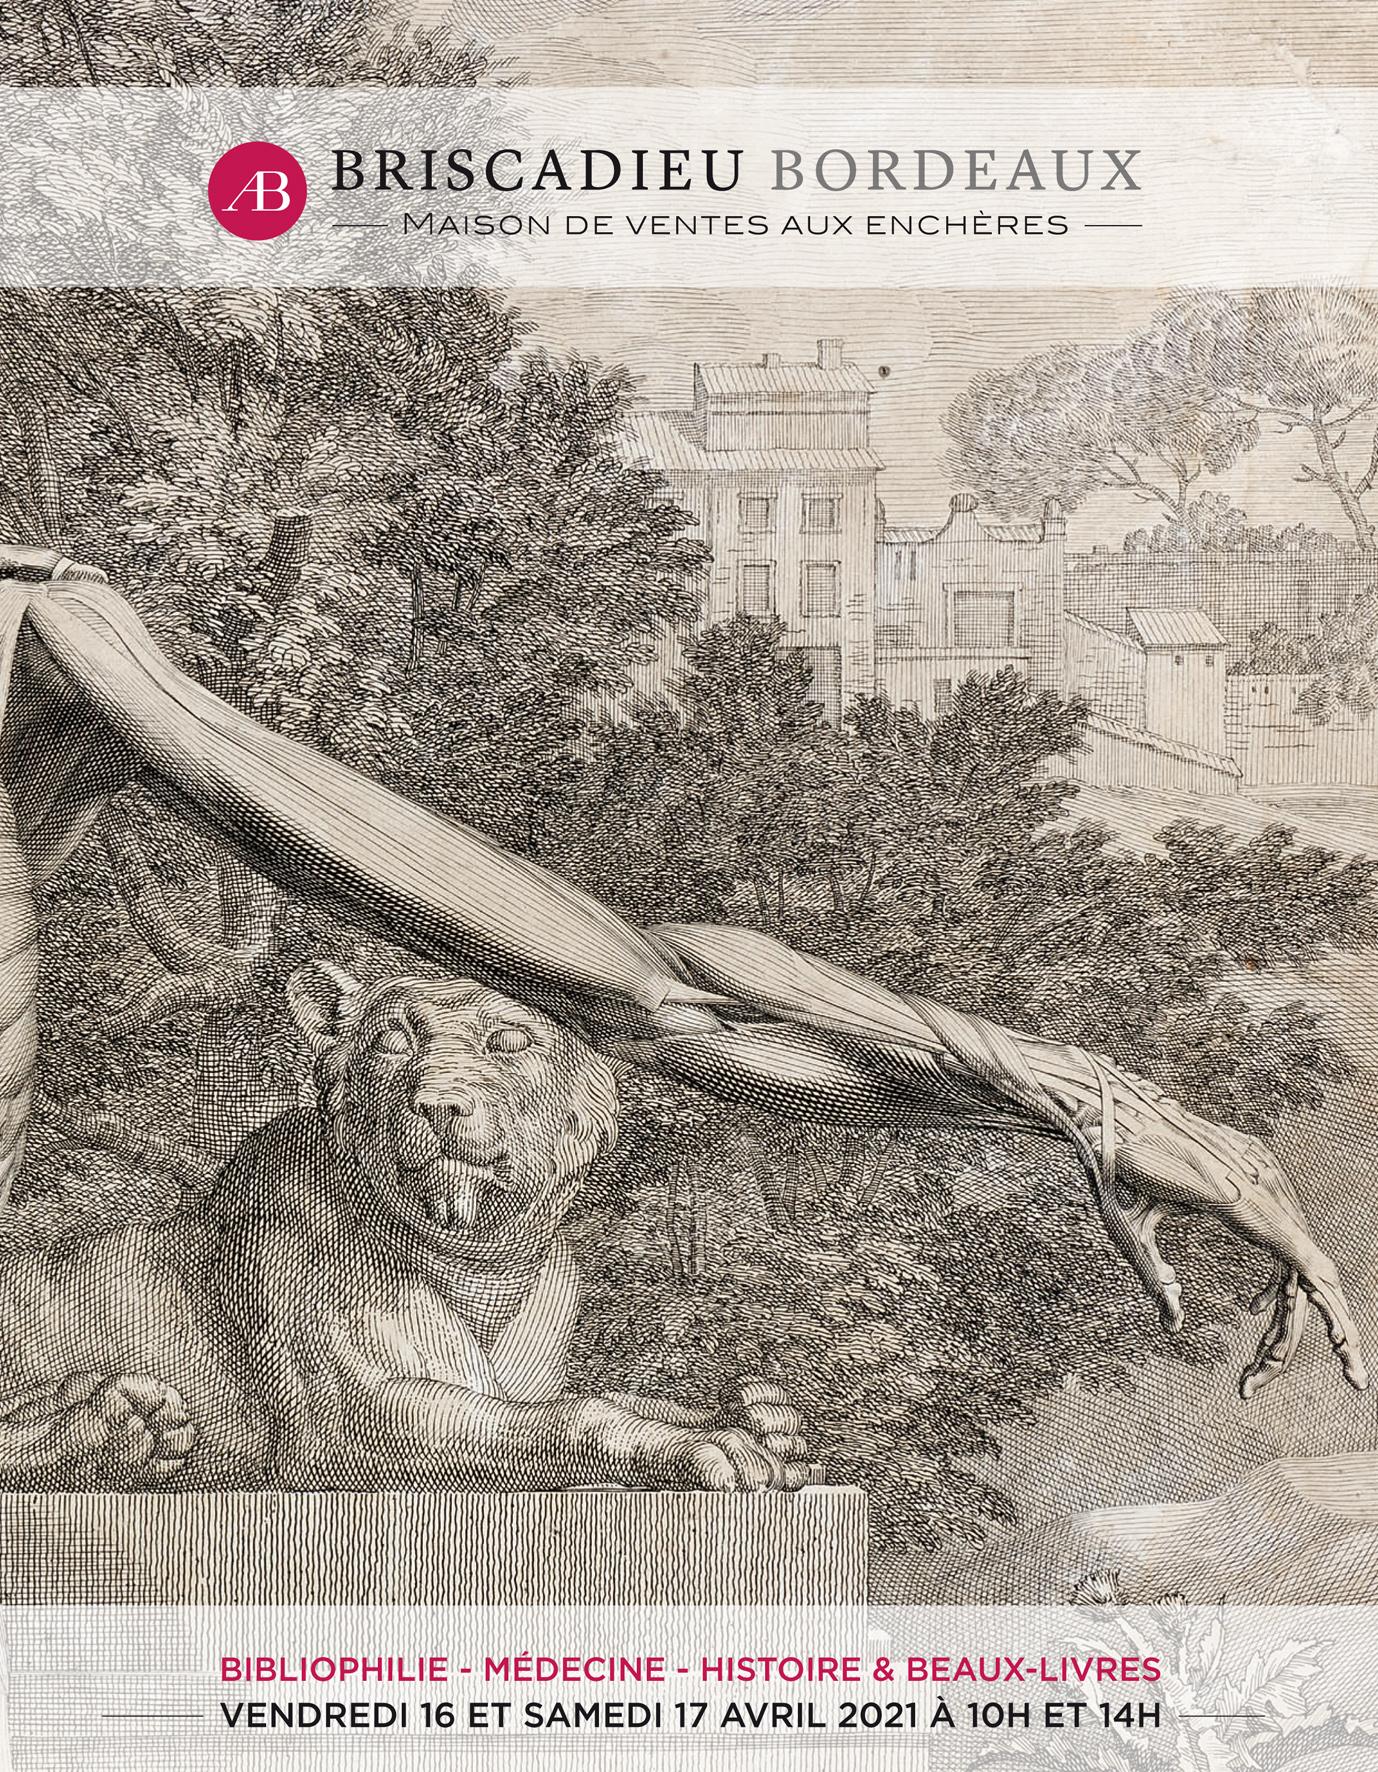 Vente Bibliophilie, Médecine, Histoire & Beaux Livres chez Briscadieu Bordeaux : 547 lots